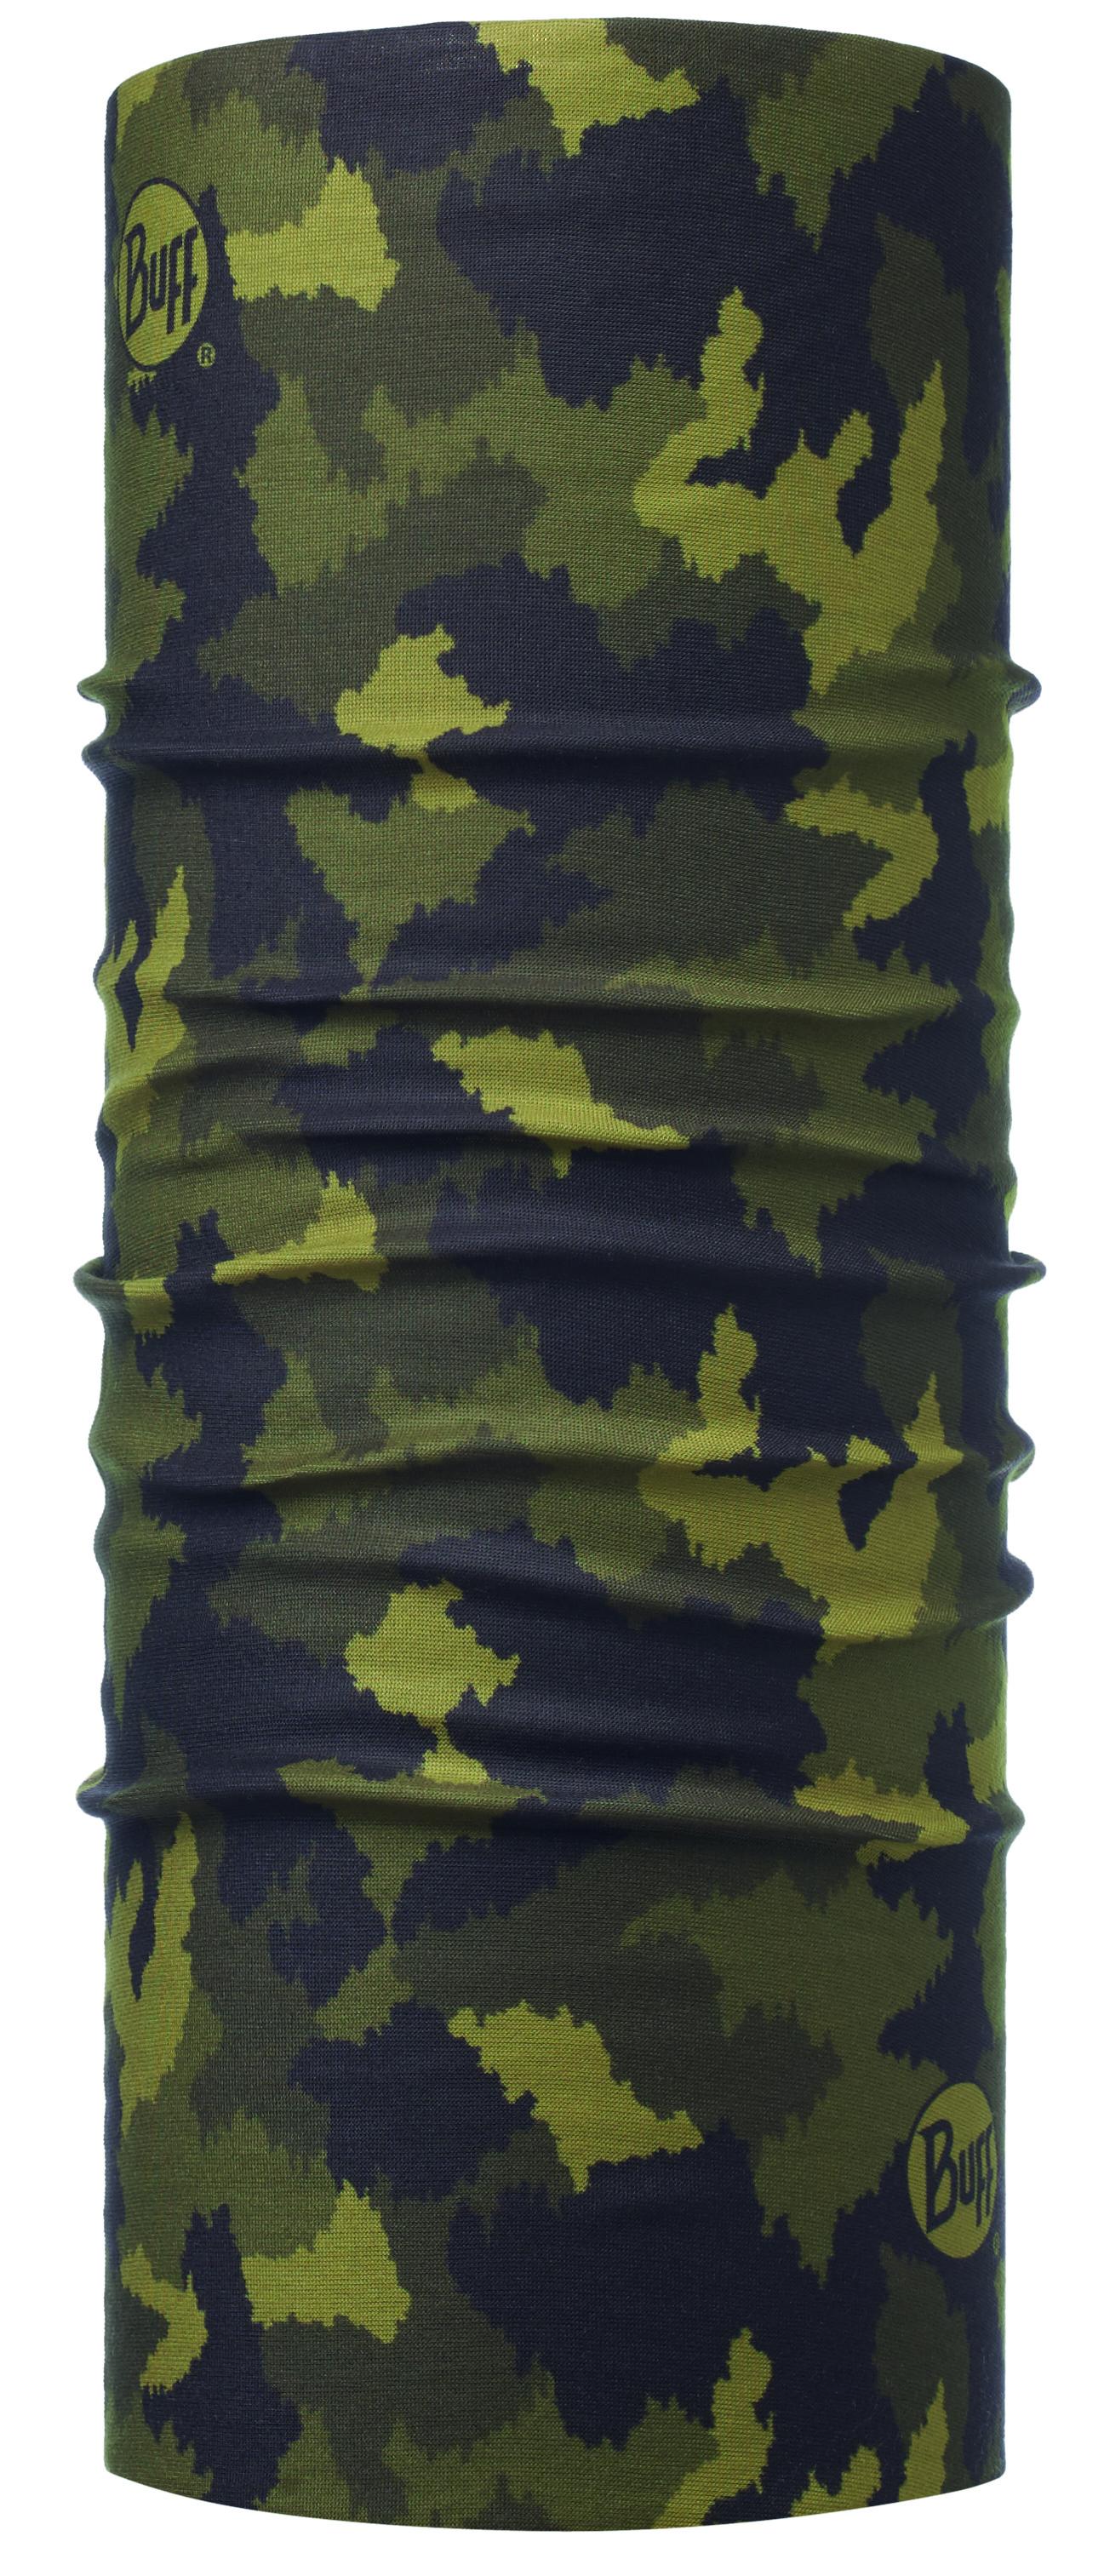 Купить Бандана BUFF ORIGINAL SLIM FIT HUNTER MILITARY Банданы и шарфы Buff ® 1307907